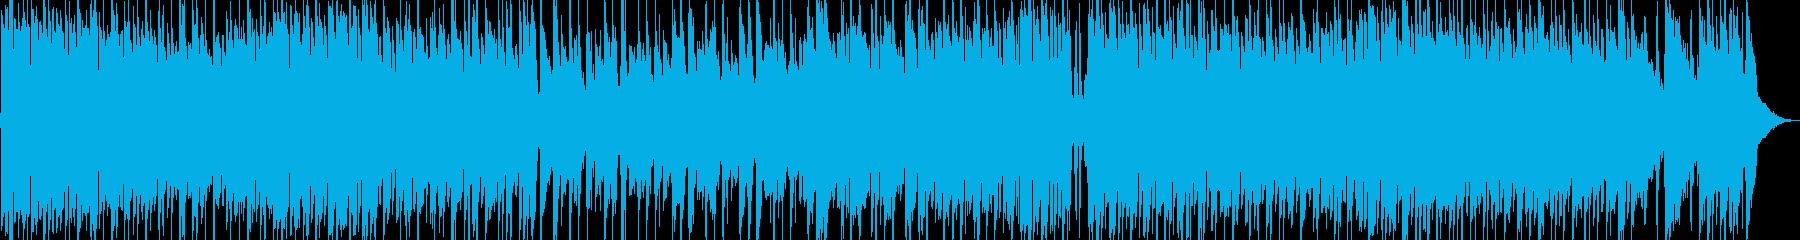 フォークロックのん(メロなし)の再生済みの波形